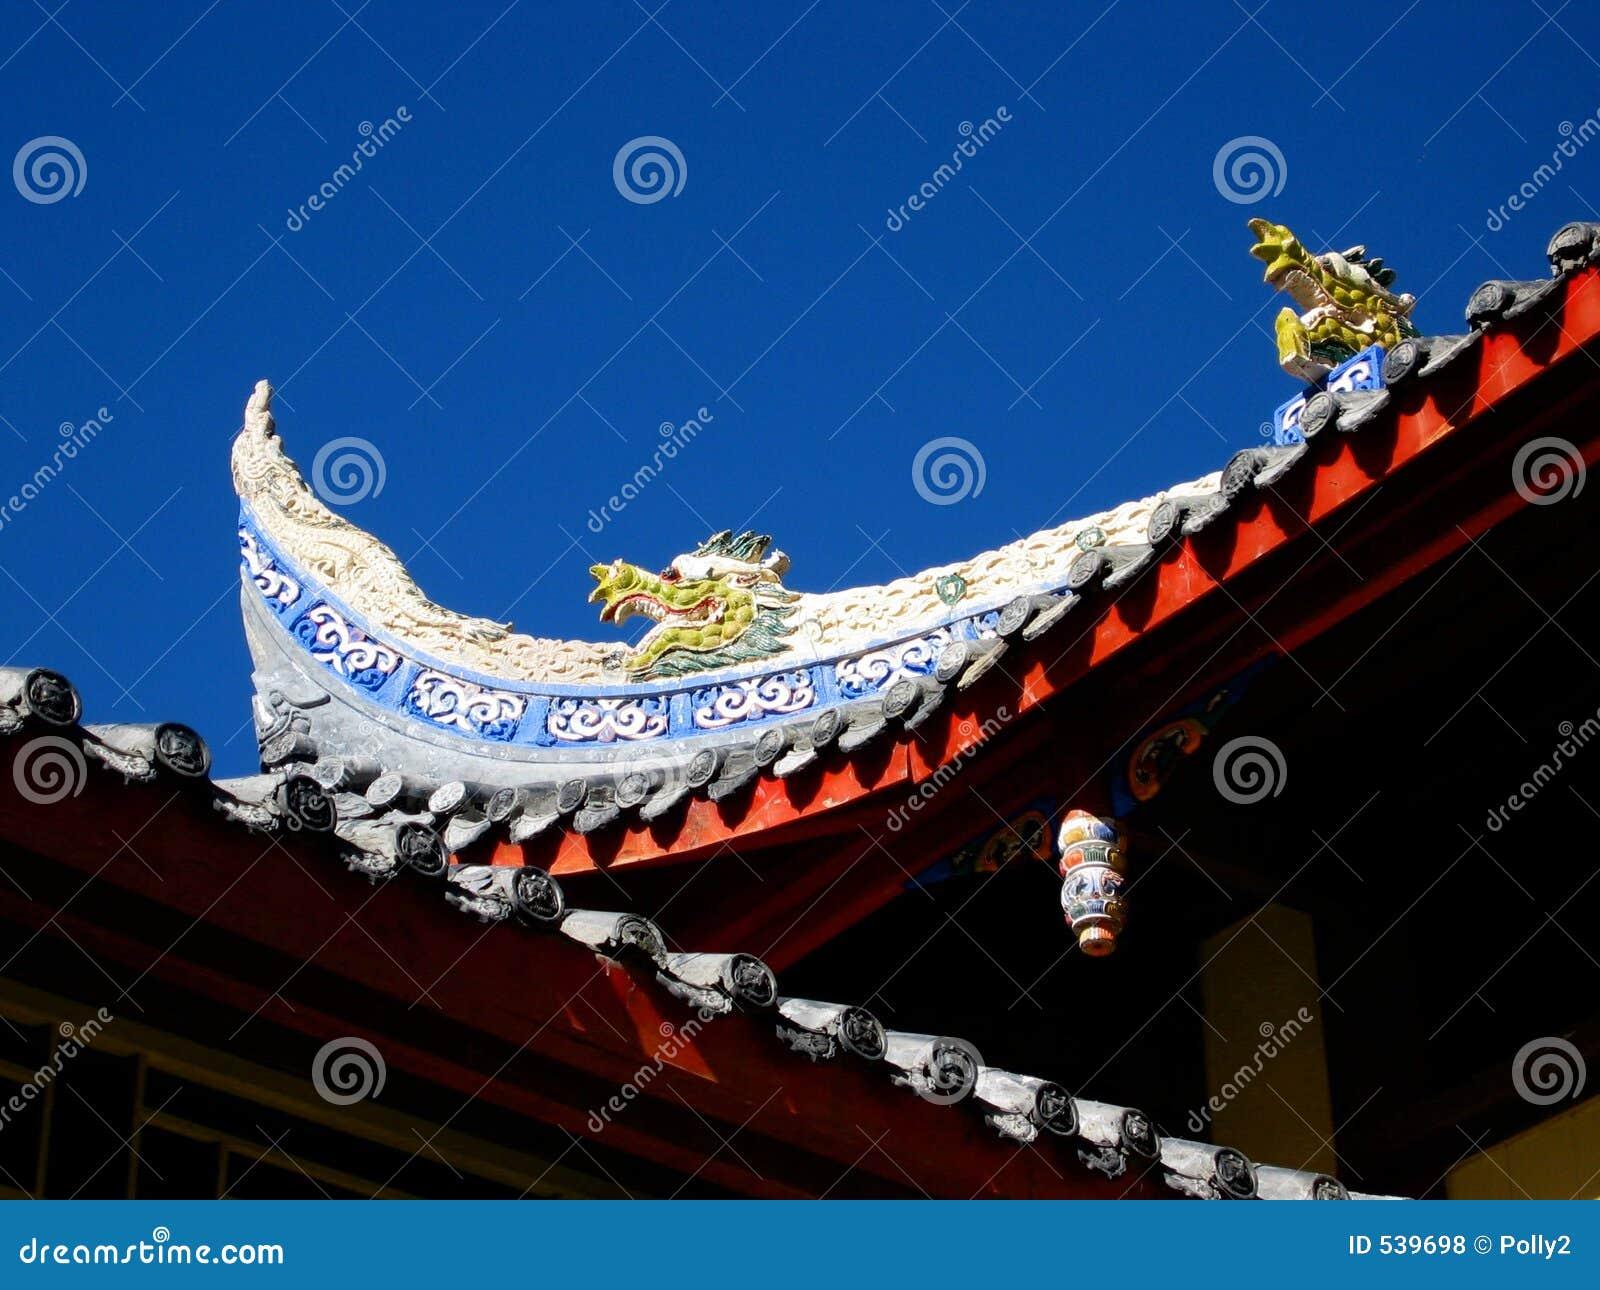 Download 龙寺庙 库存照片. 图片 包括有 道教, 寺庙, 的btu, 瓦片, 发芽, 道士, 马赛克 - 539698